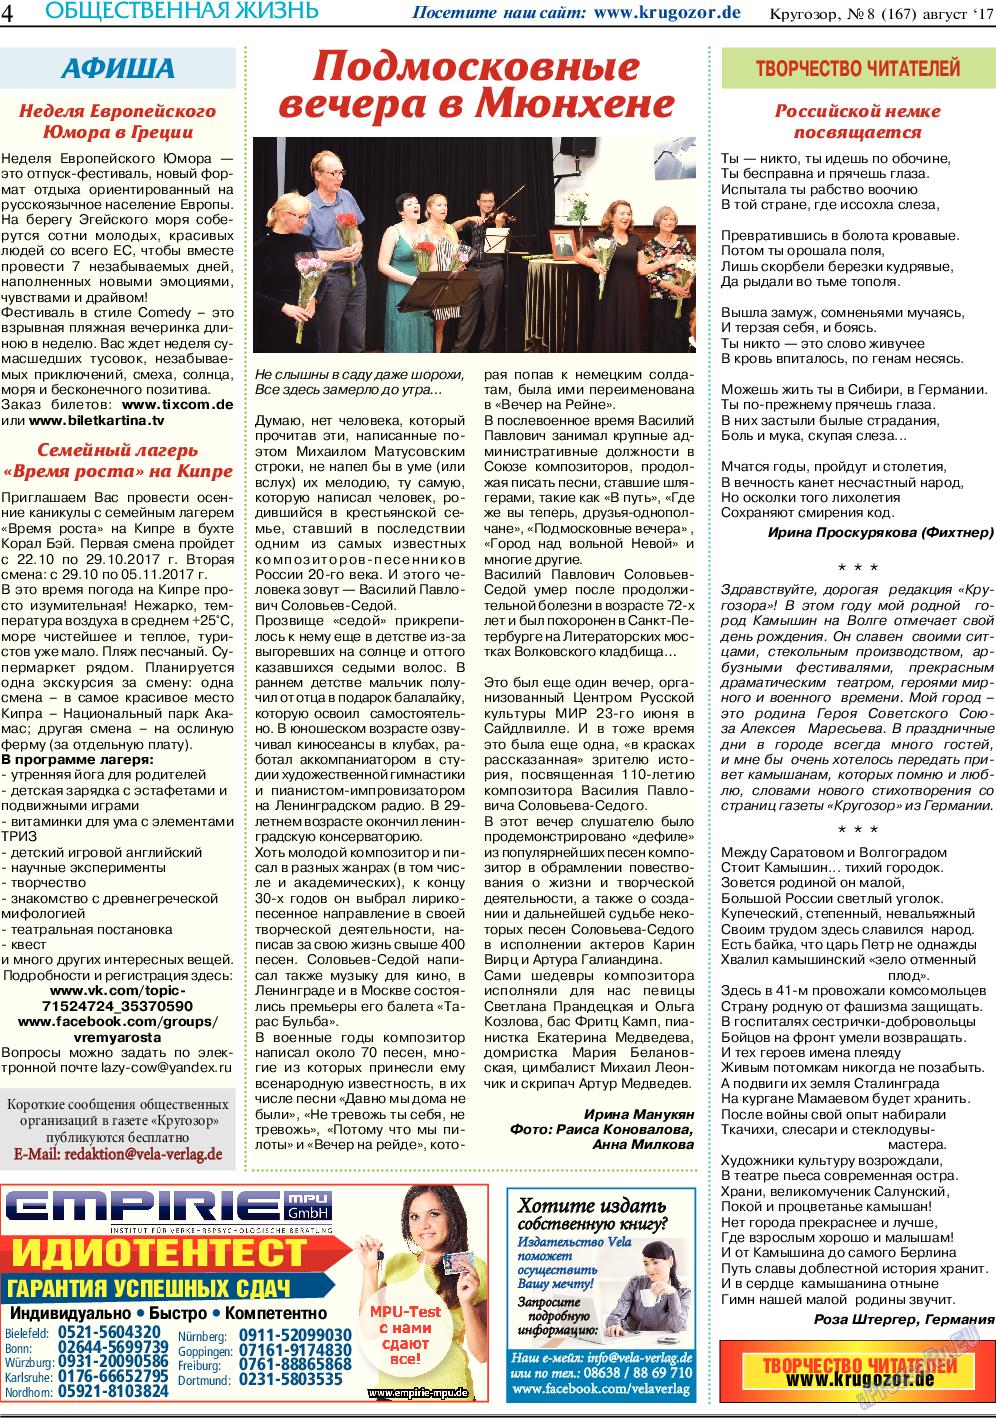 Кругозор (газета). 2017 год, номер 8, стр. 4